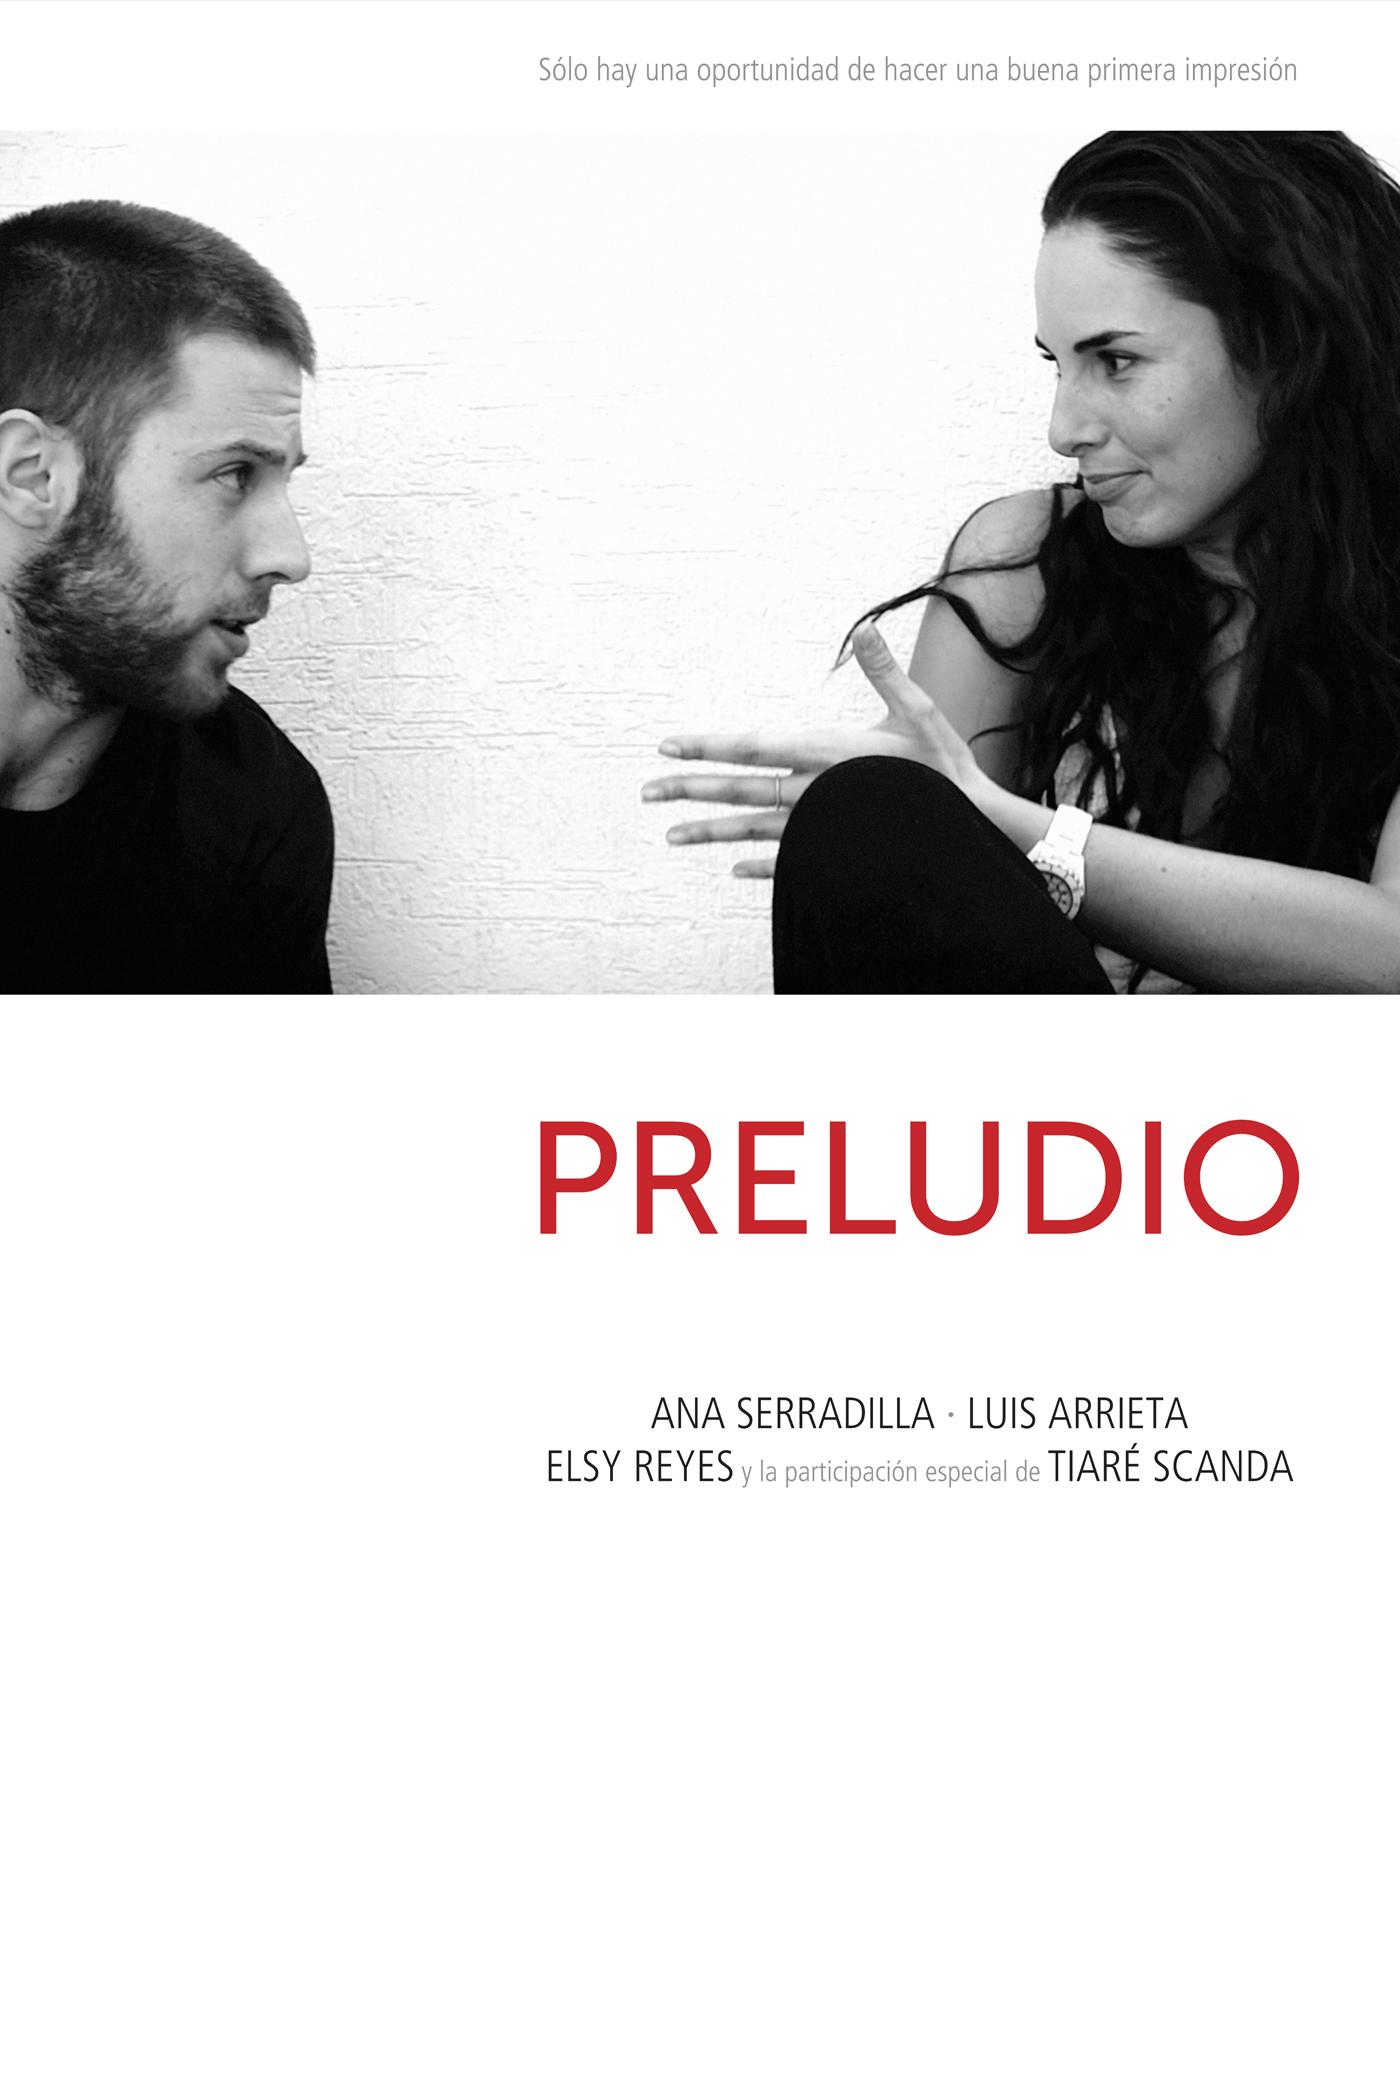 Preludio - Poster.jpg